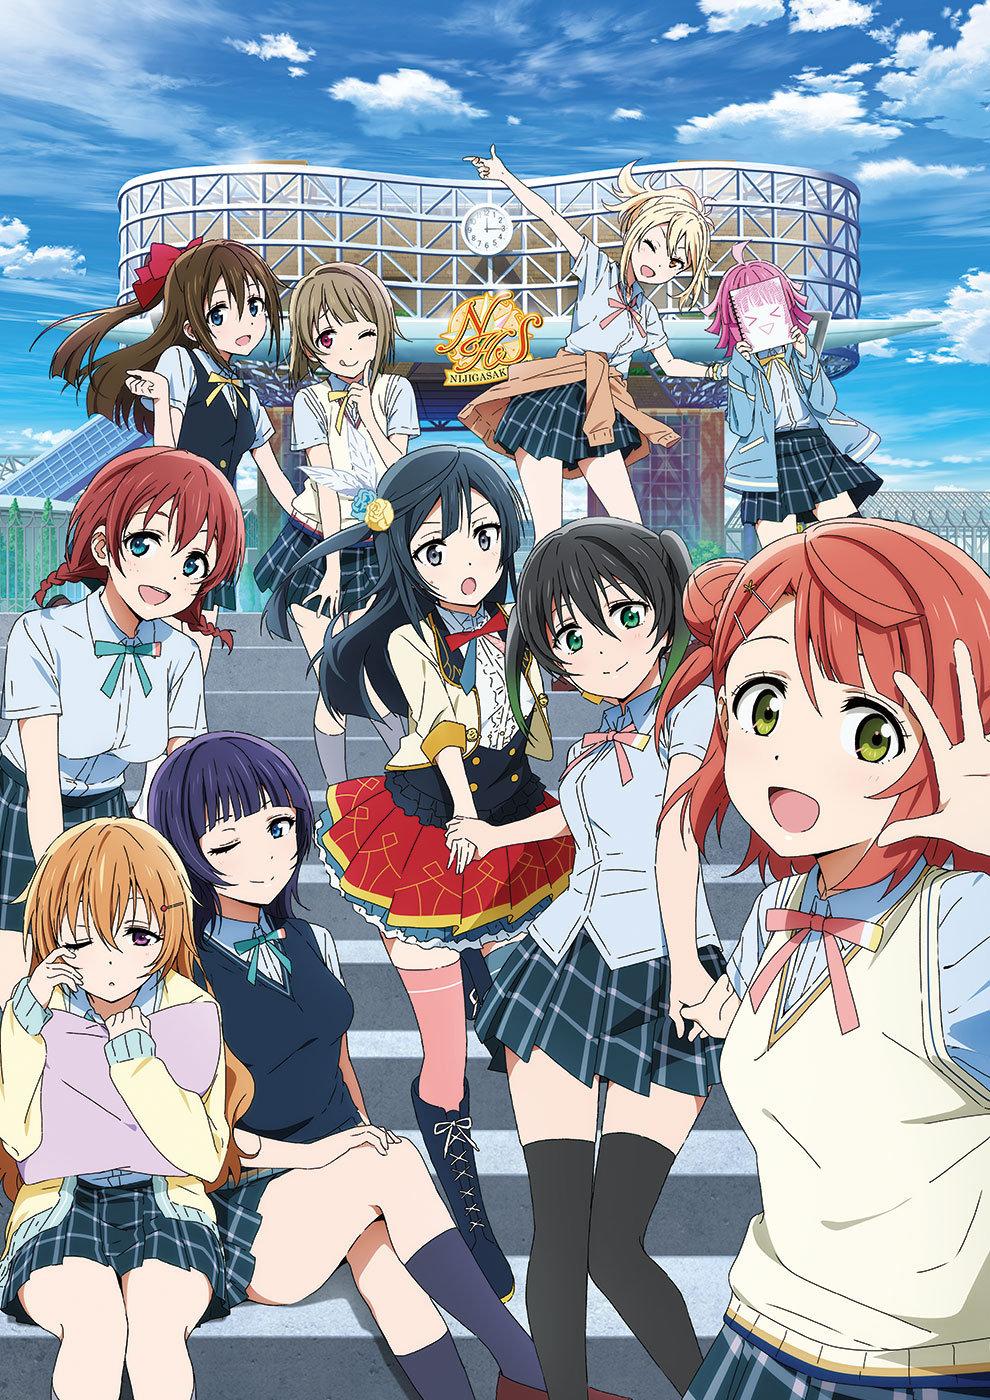 【动漫情报】TV动画《LoveLive!虹咲学园学园偶像同好会》PV公开,10月3日开播